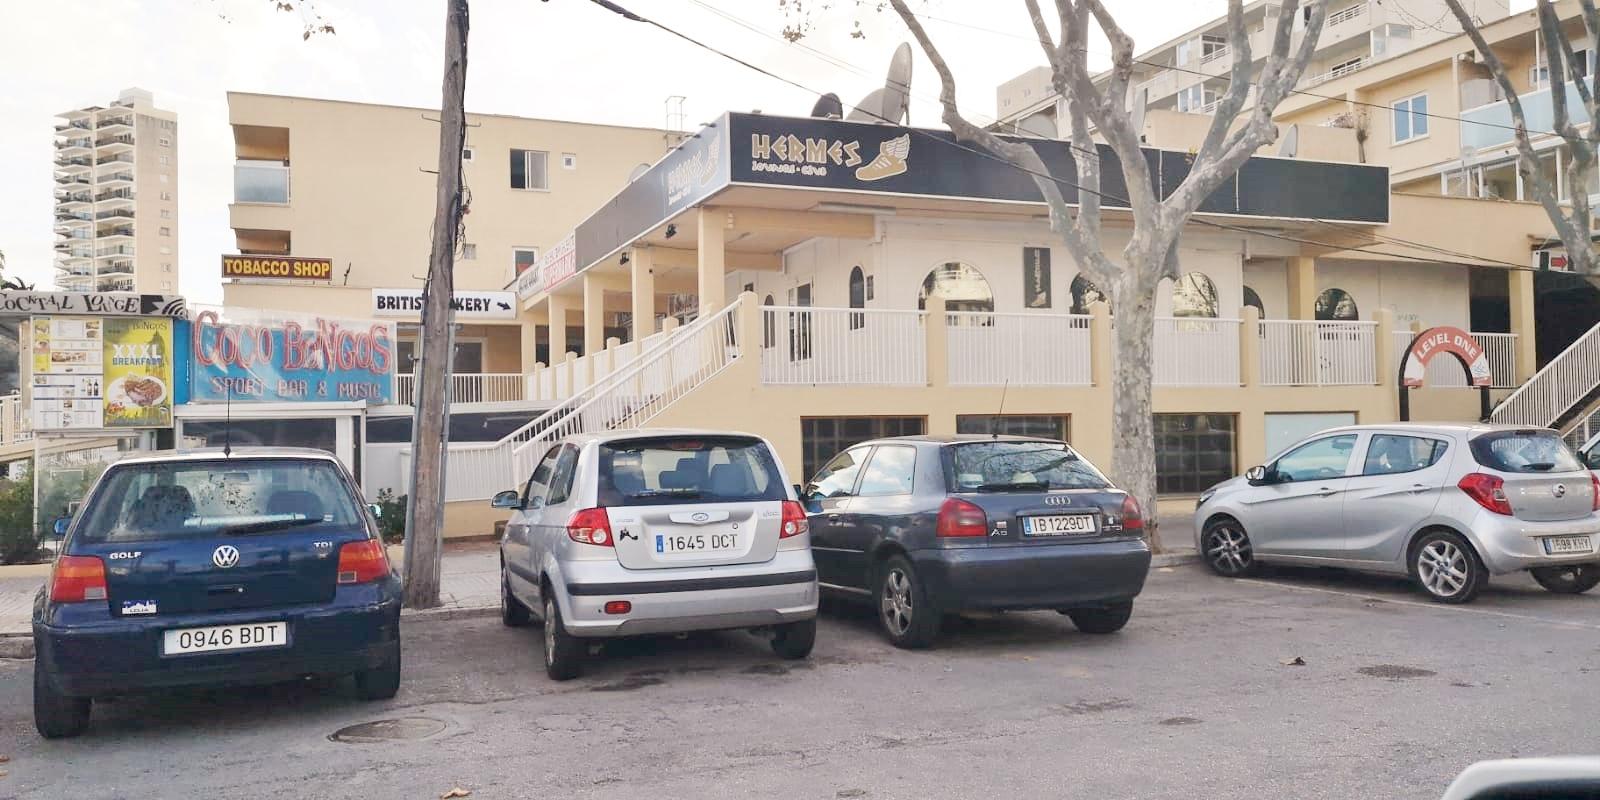 Lloguer Local Comercial  Avinguda s'olivera, 11. Super oferta - traspaso disponible para bar en magaluf cerca de